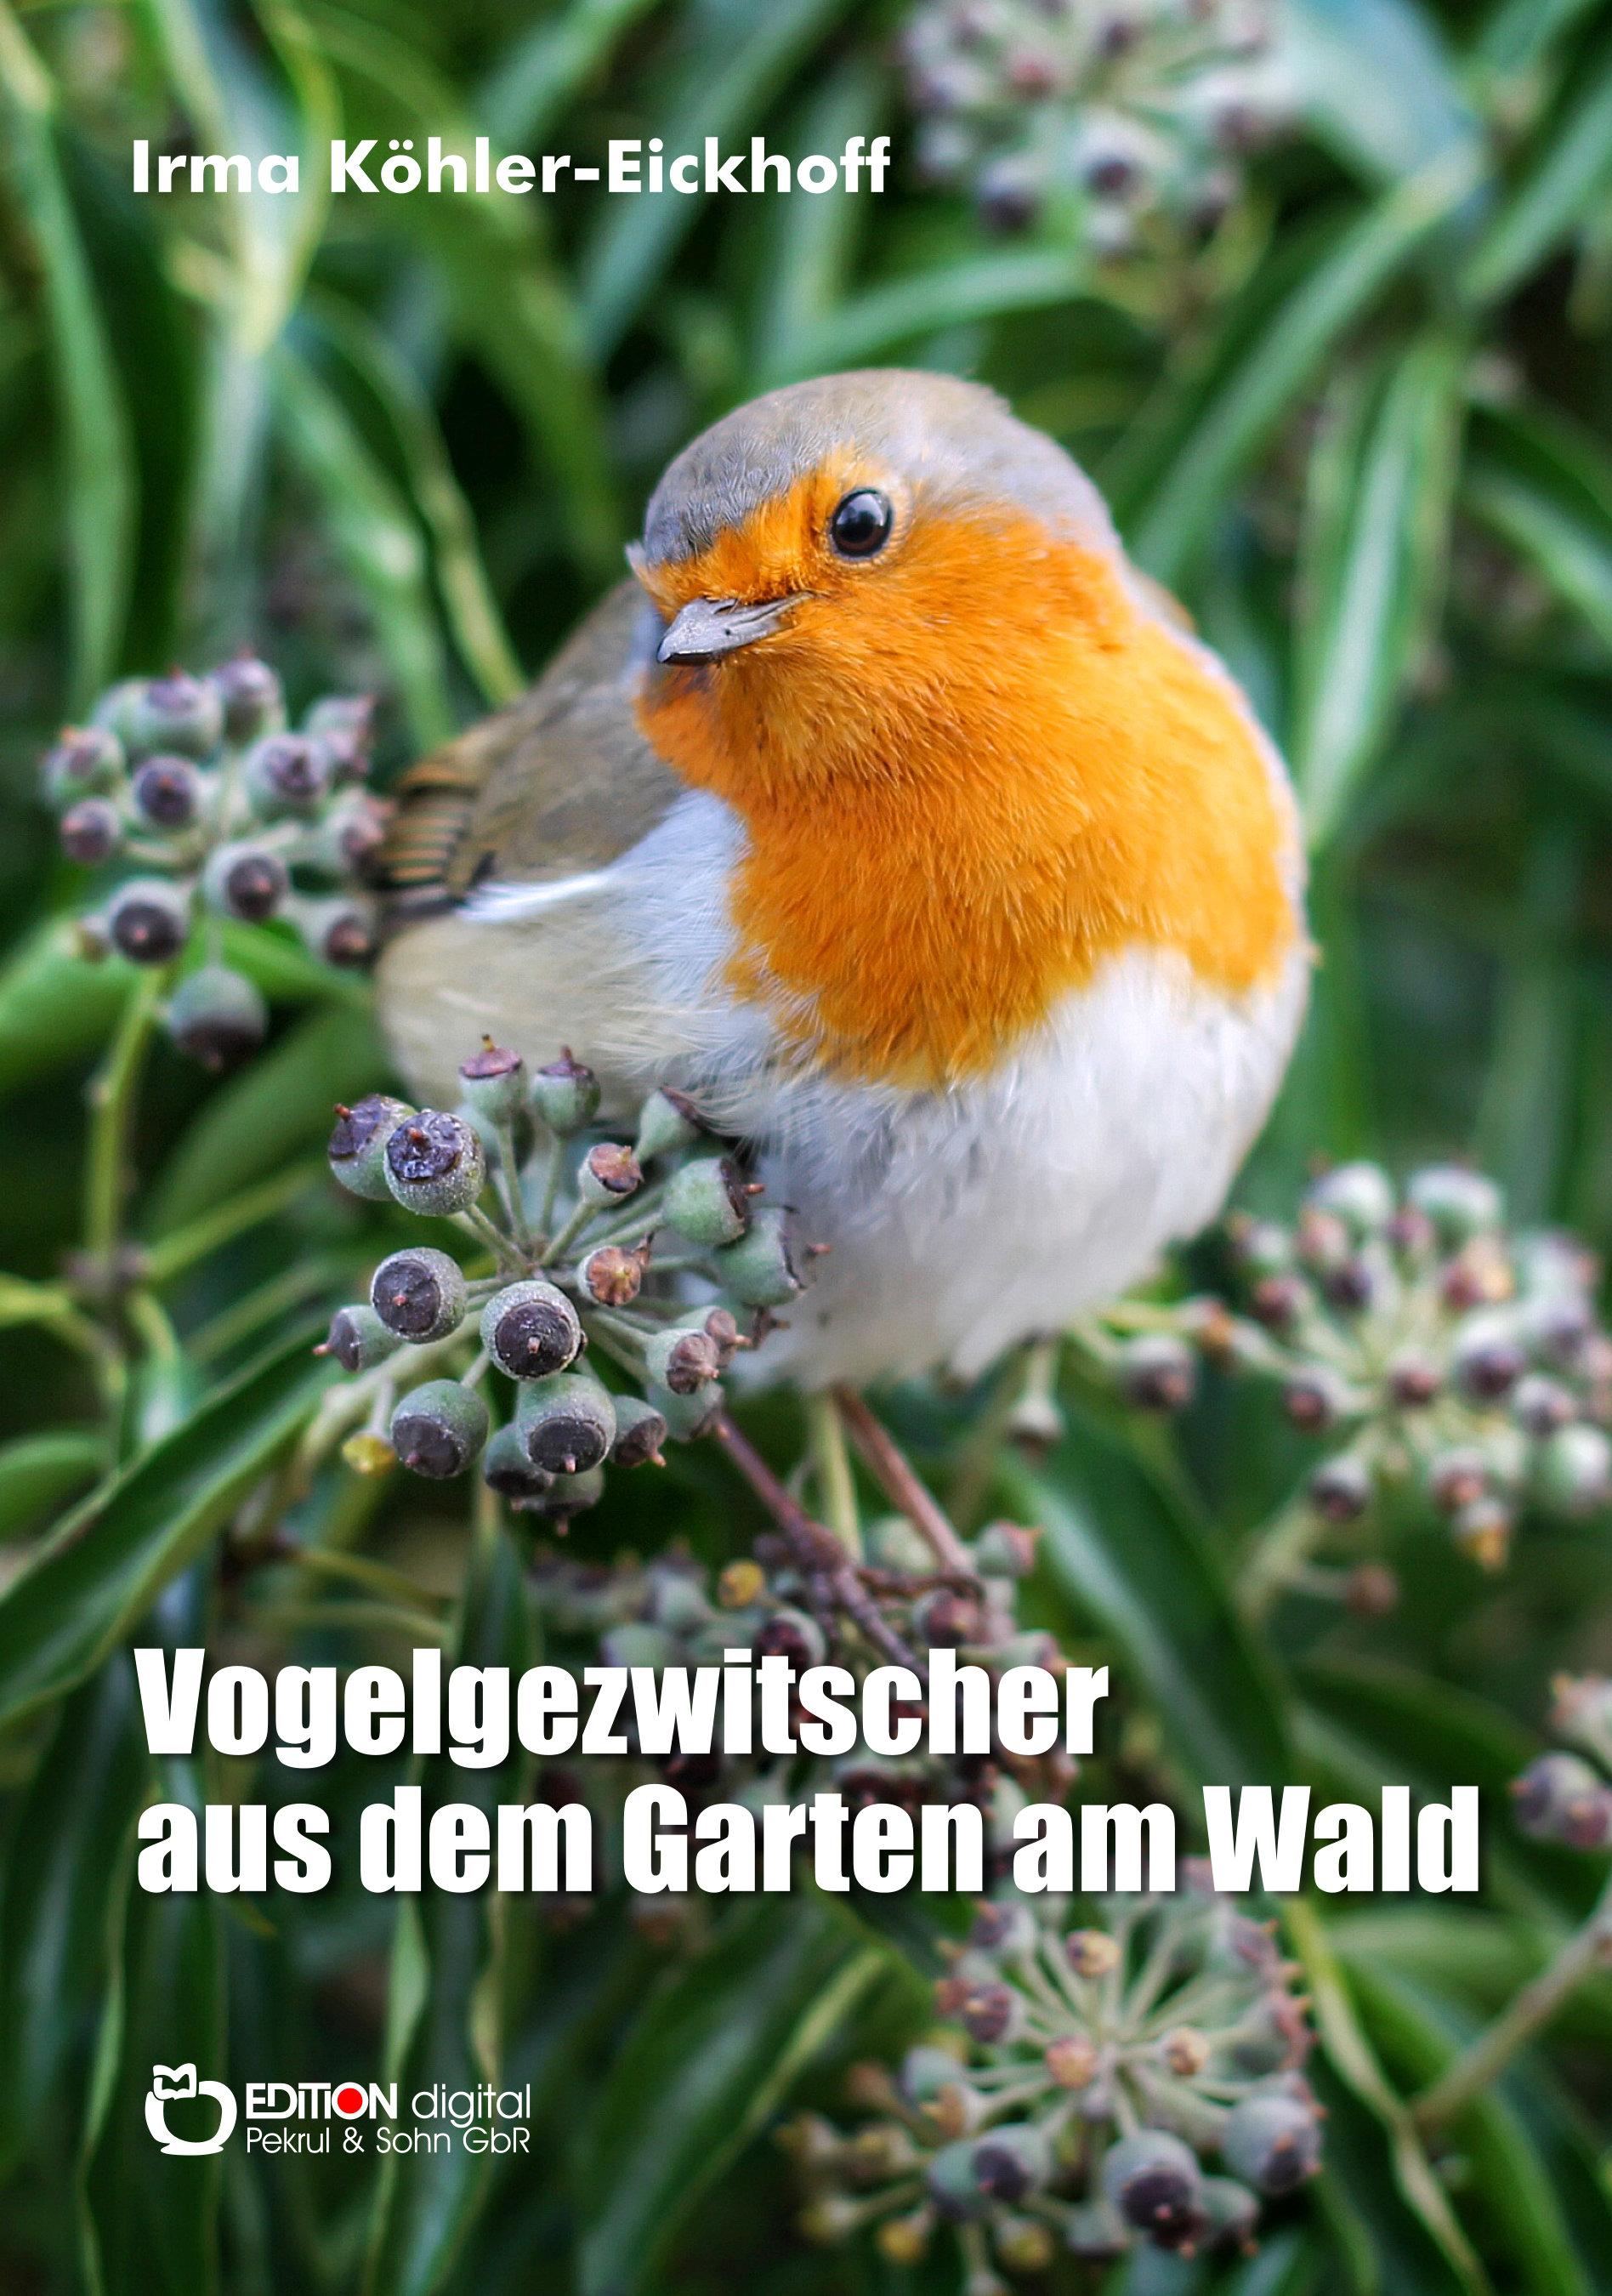 Vogelgezwitscher aus dem Garten am Wald von Irma Köhler-Eickhoff